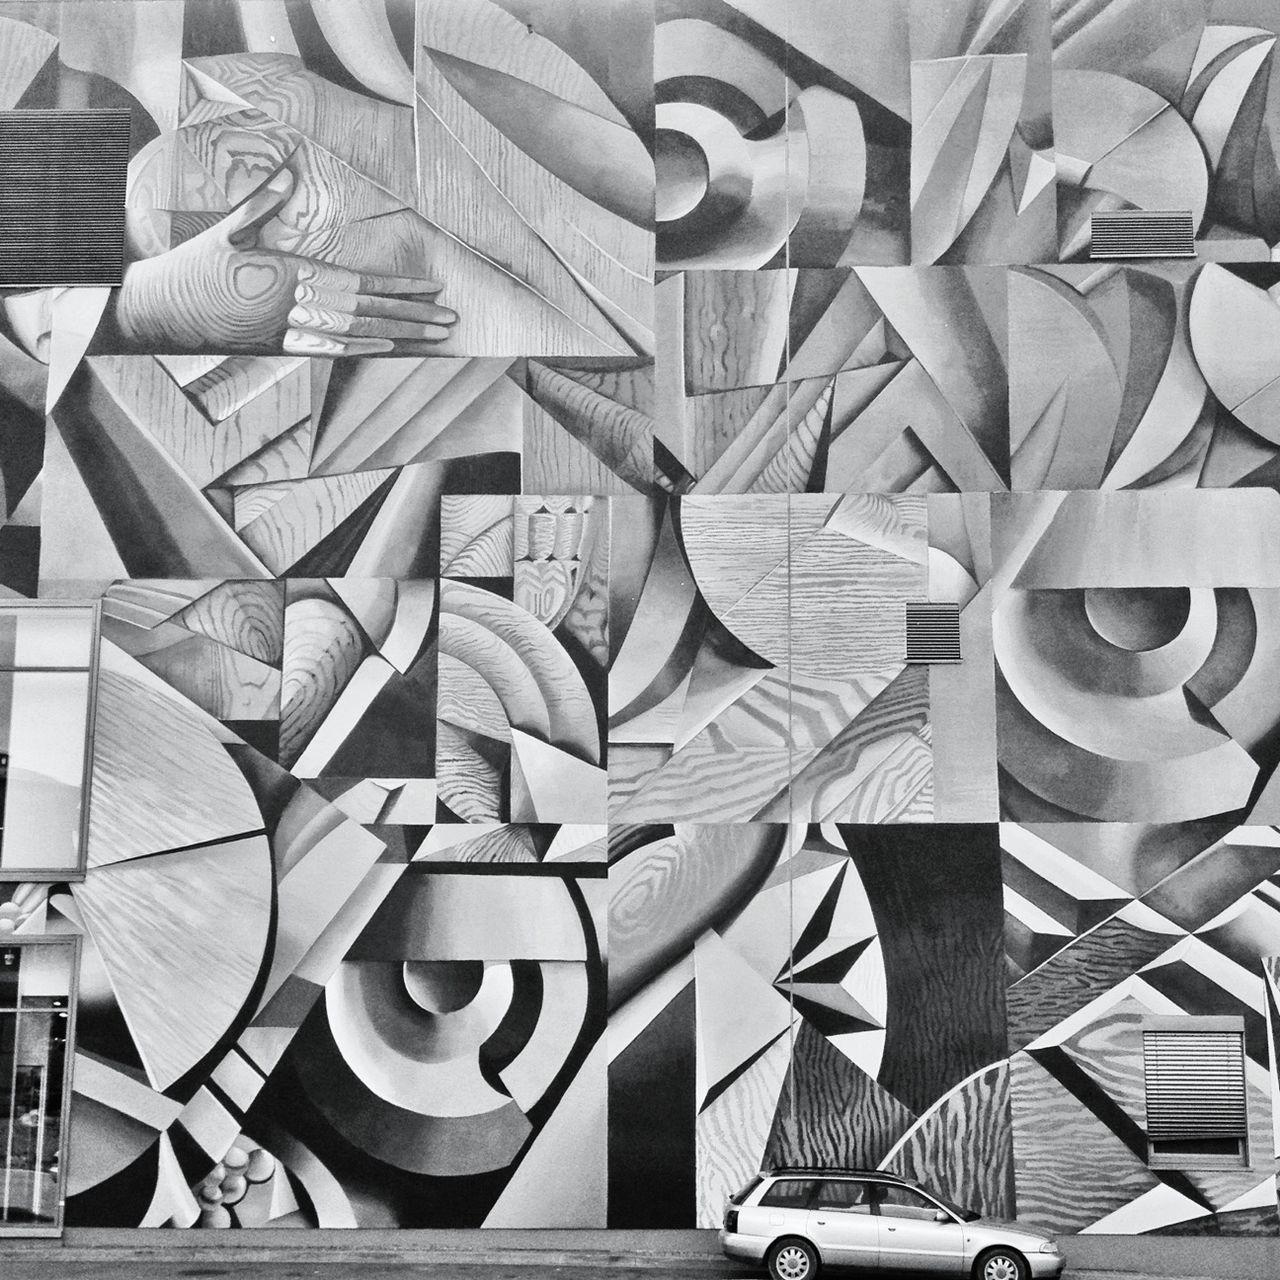 Streetart Streetphoto_bw Bnw_society NEM Black&white